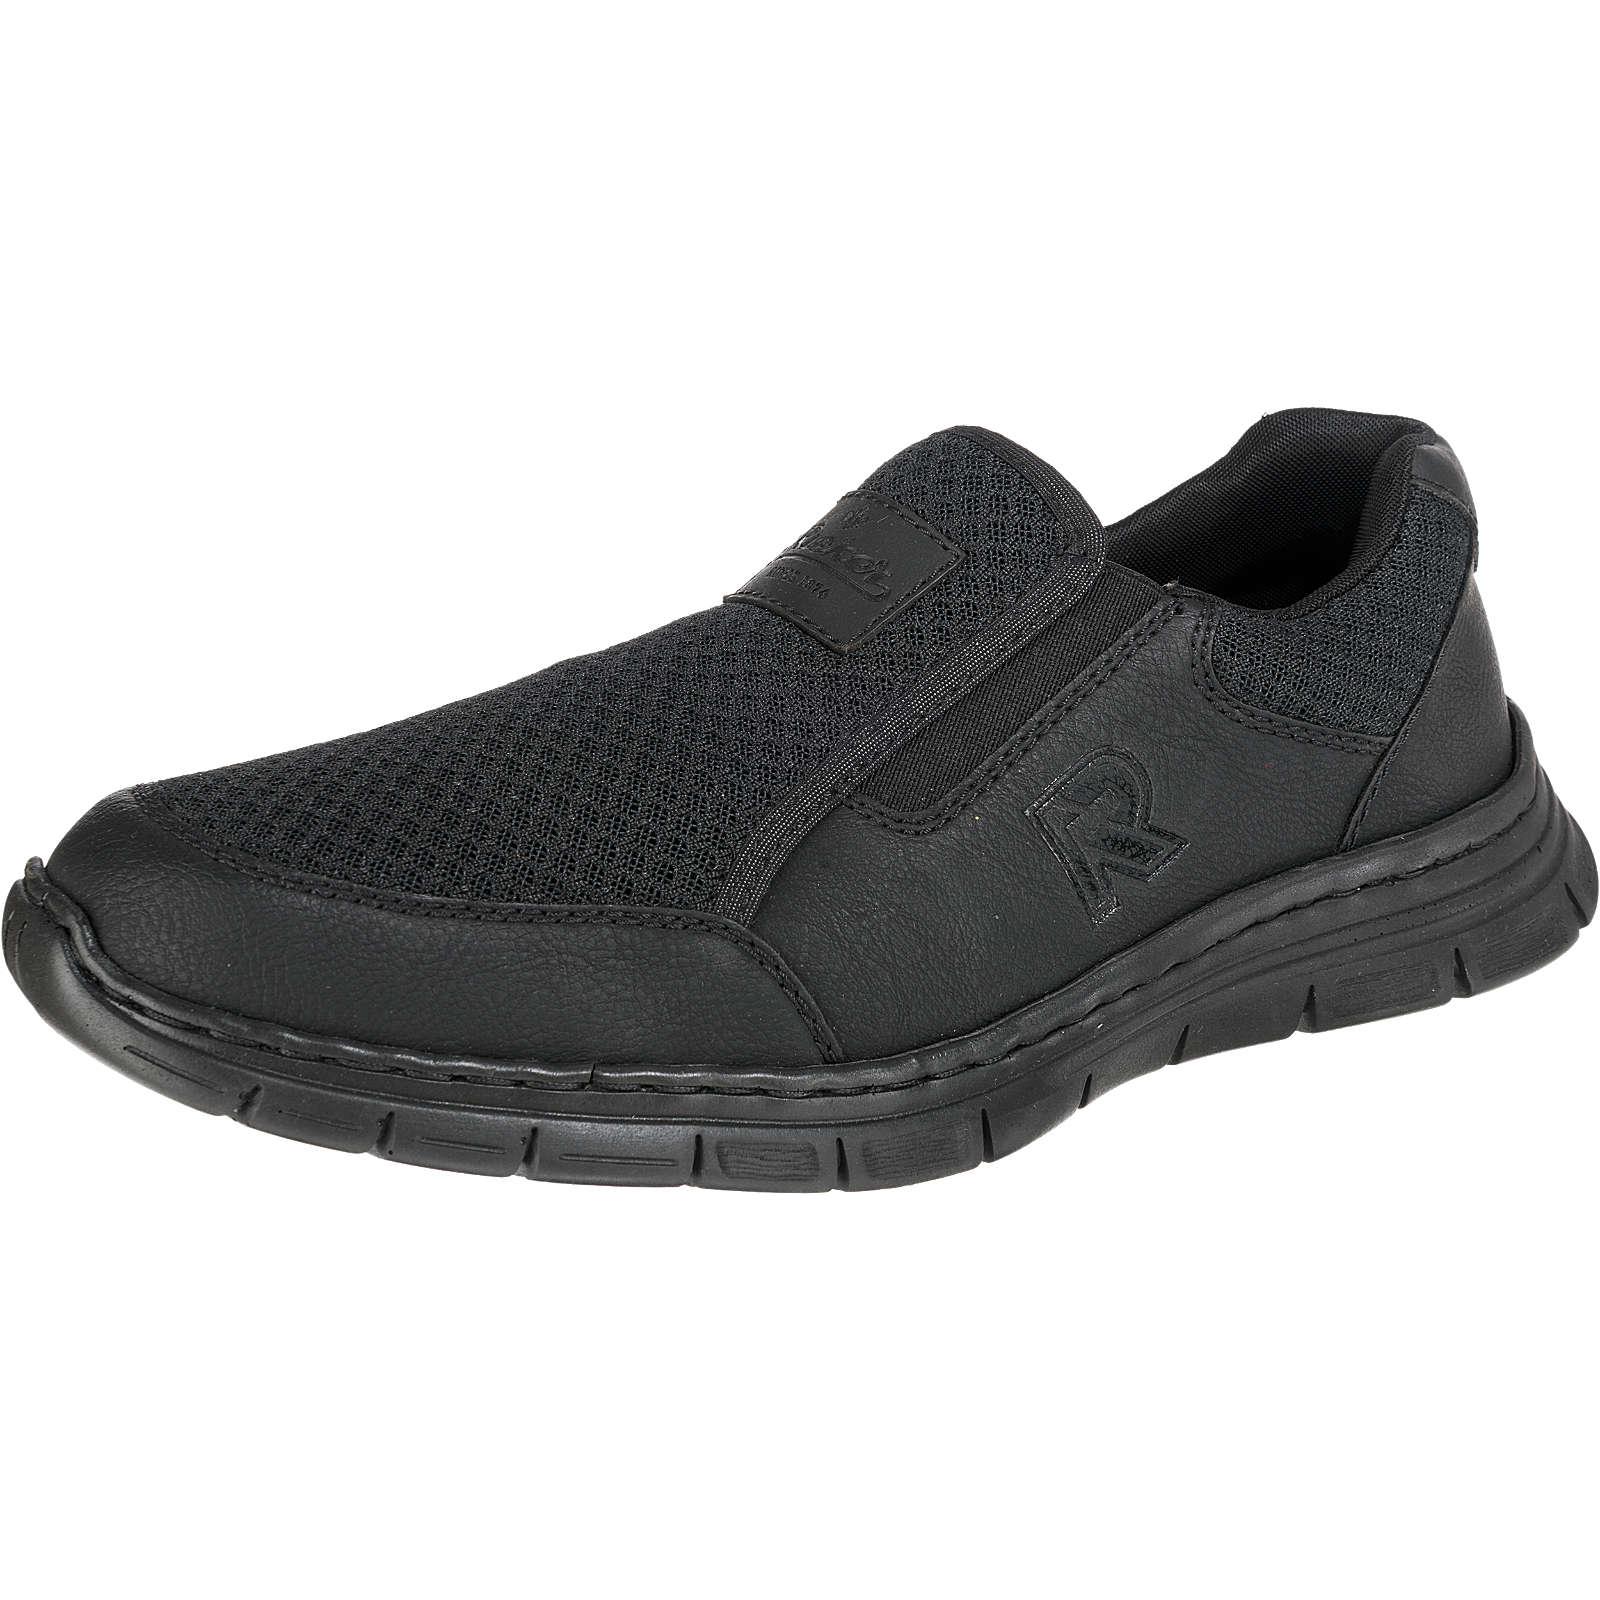 rieker Sneakers Low schwarz Herren Gr. 40